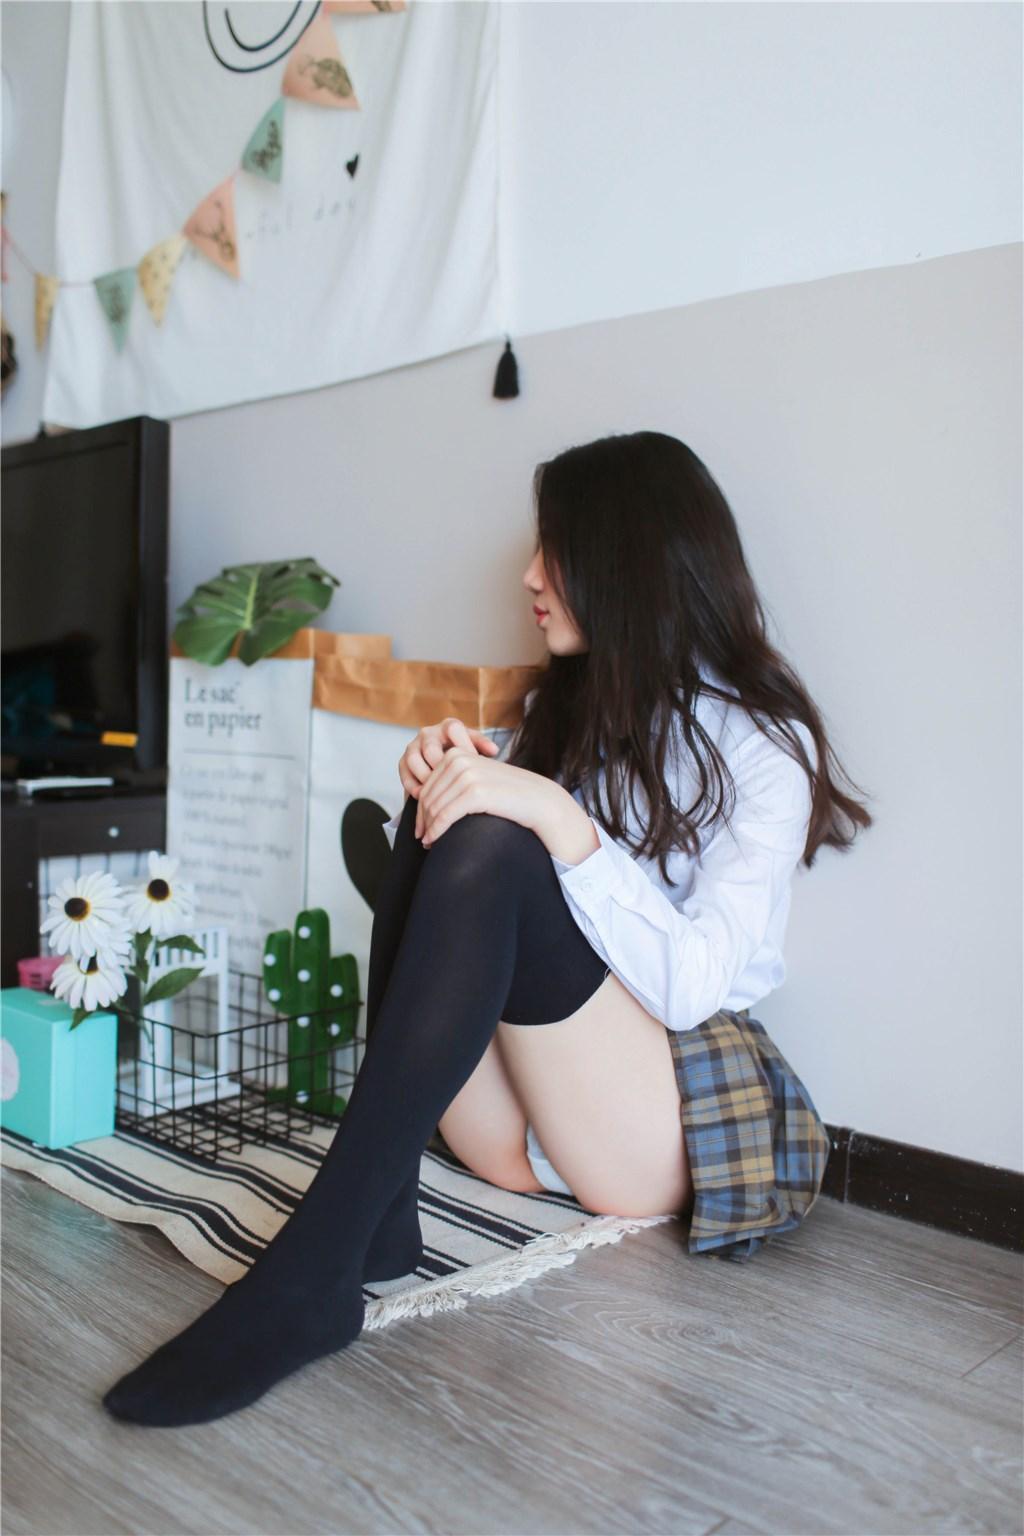 【兔玩映画】衬衫格裙 兔玩映画 第6张